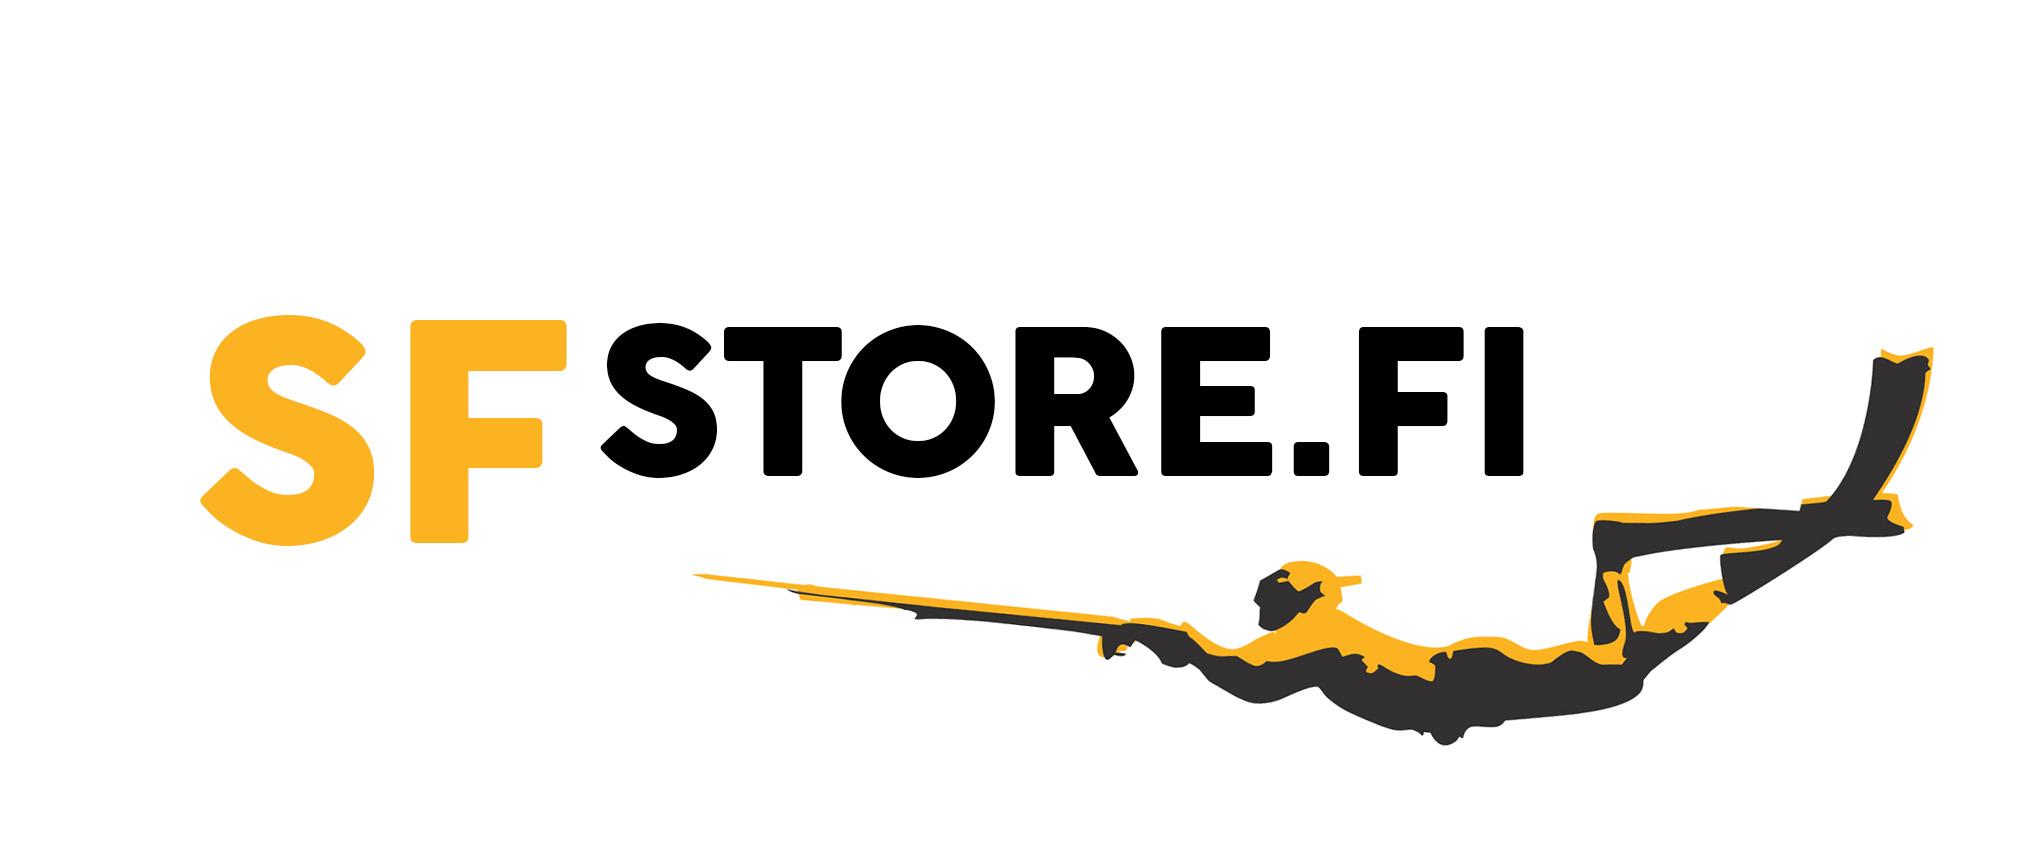 SFstore.fi